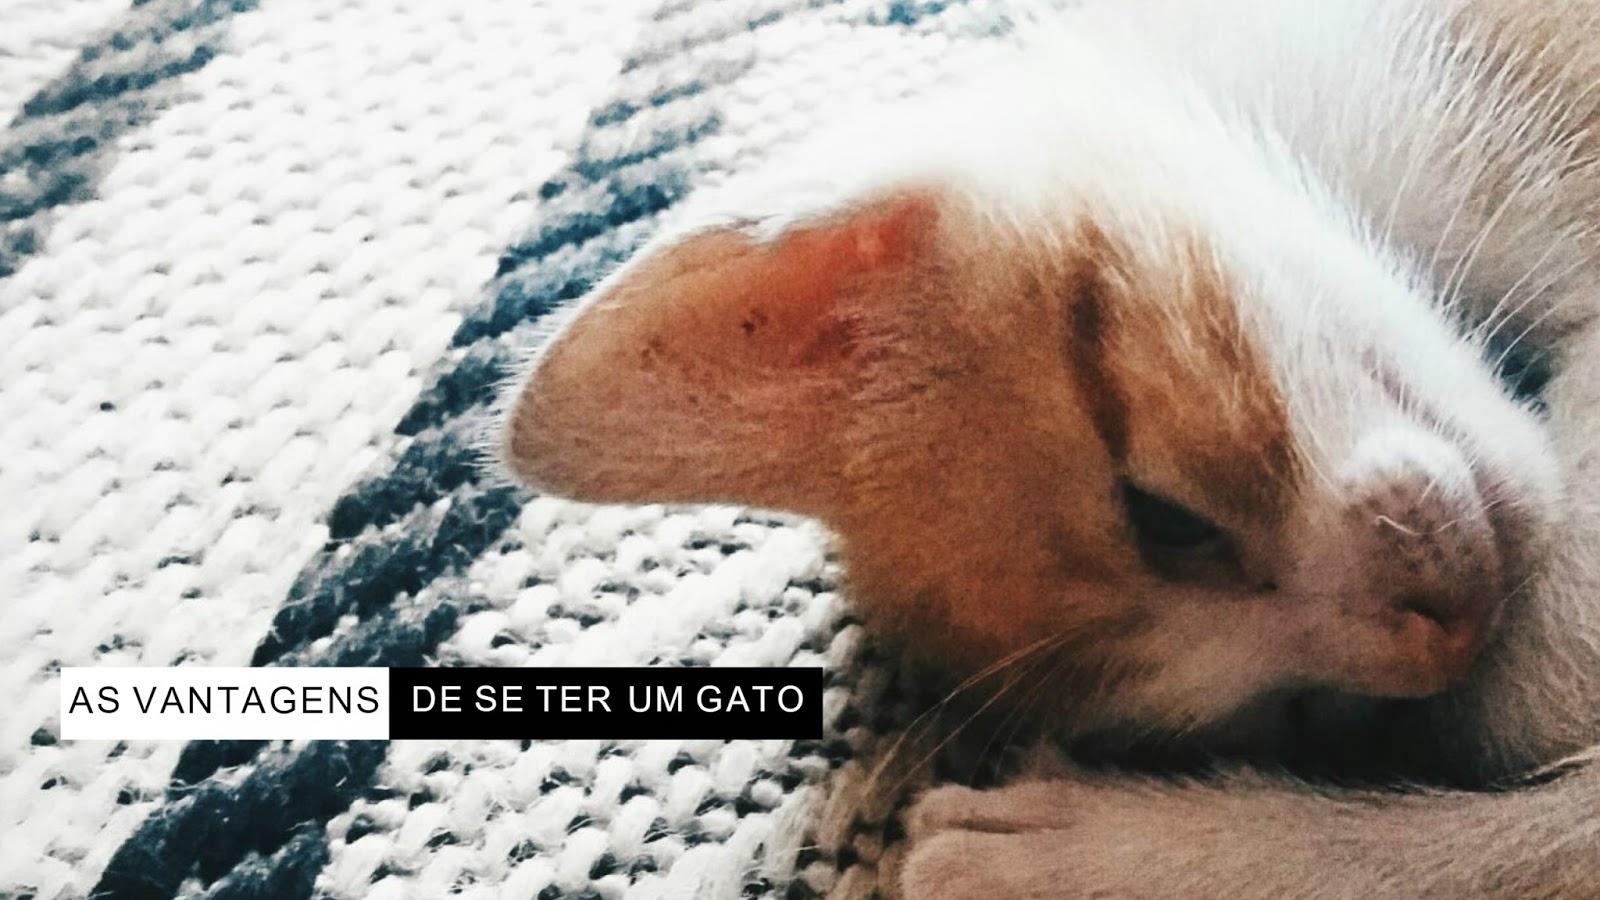 SEIS VANTAGENS DE SE TER UM GATO EM CASA | BLOG CONFIDENT